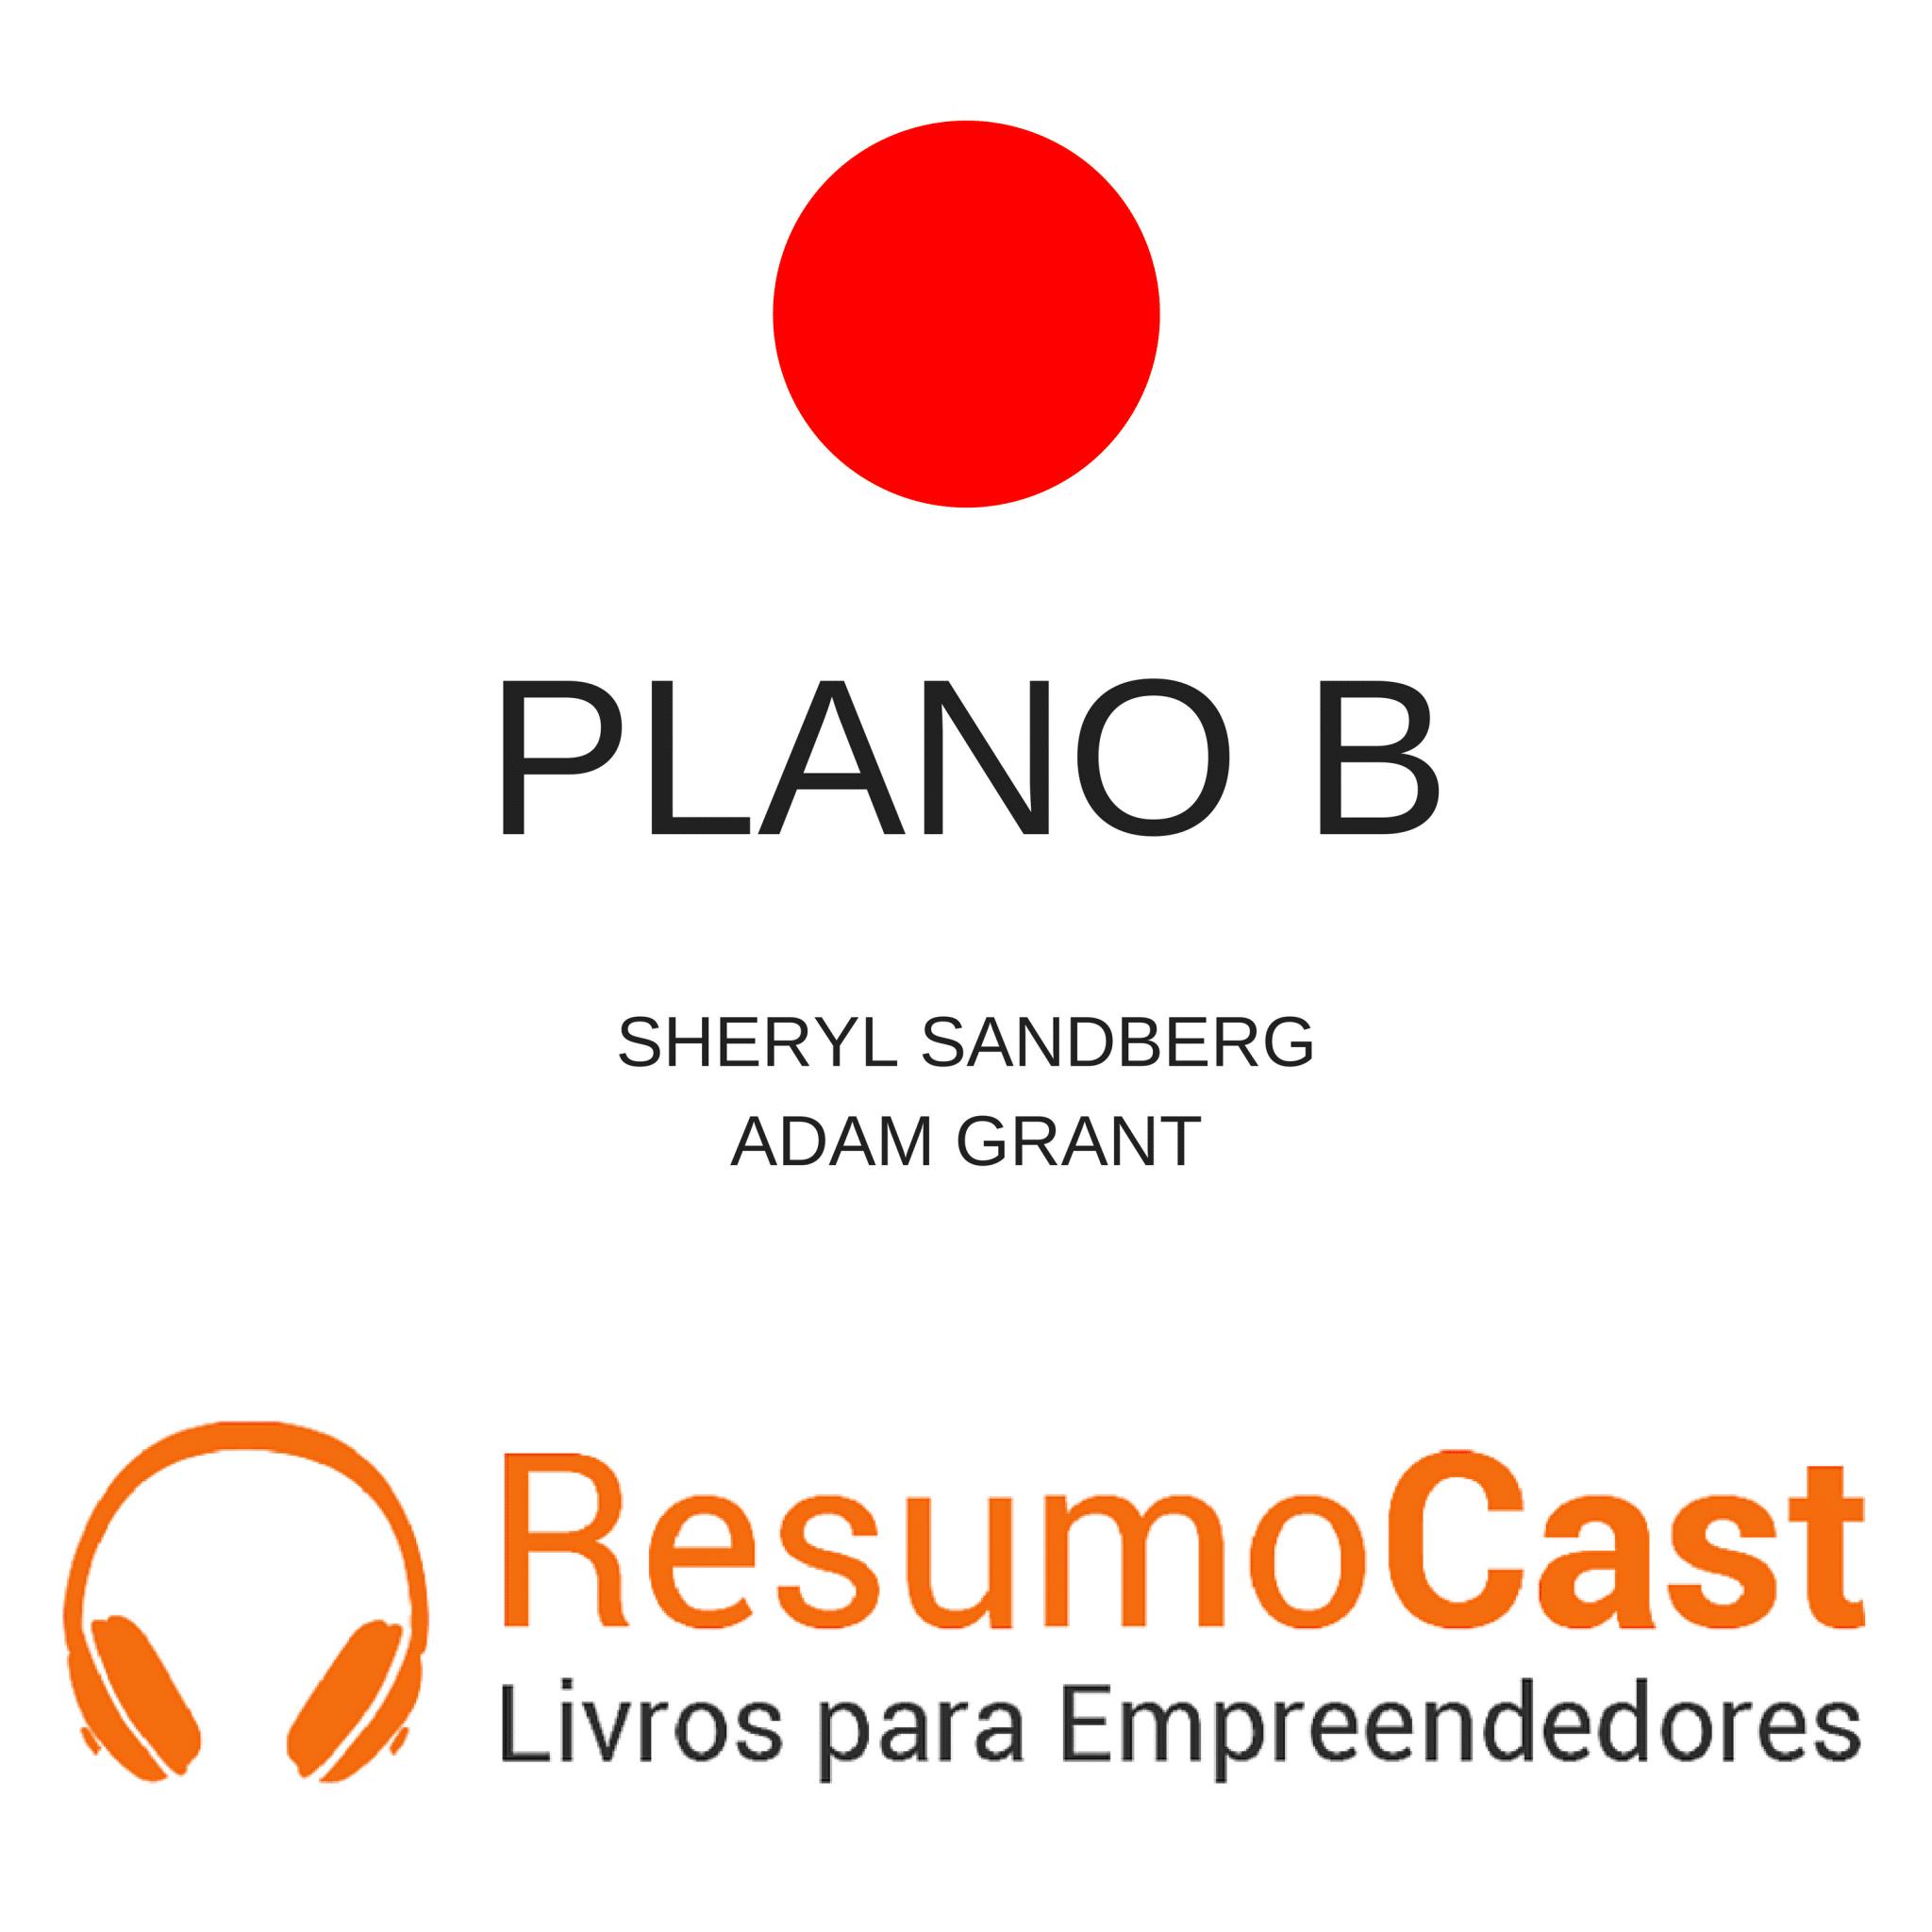 Plano B: Como encarar adversidades, desenvolver resiliência e encontrar felicidade – Sheryl Sandberg e Adam Grant | T1#104